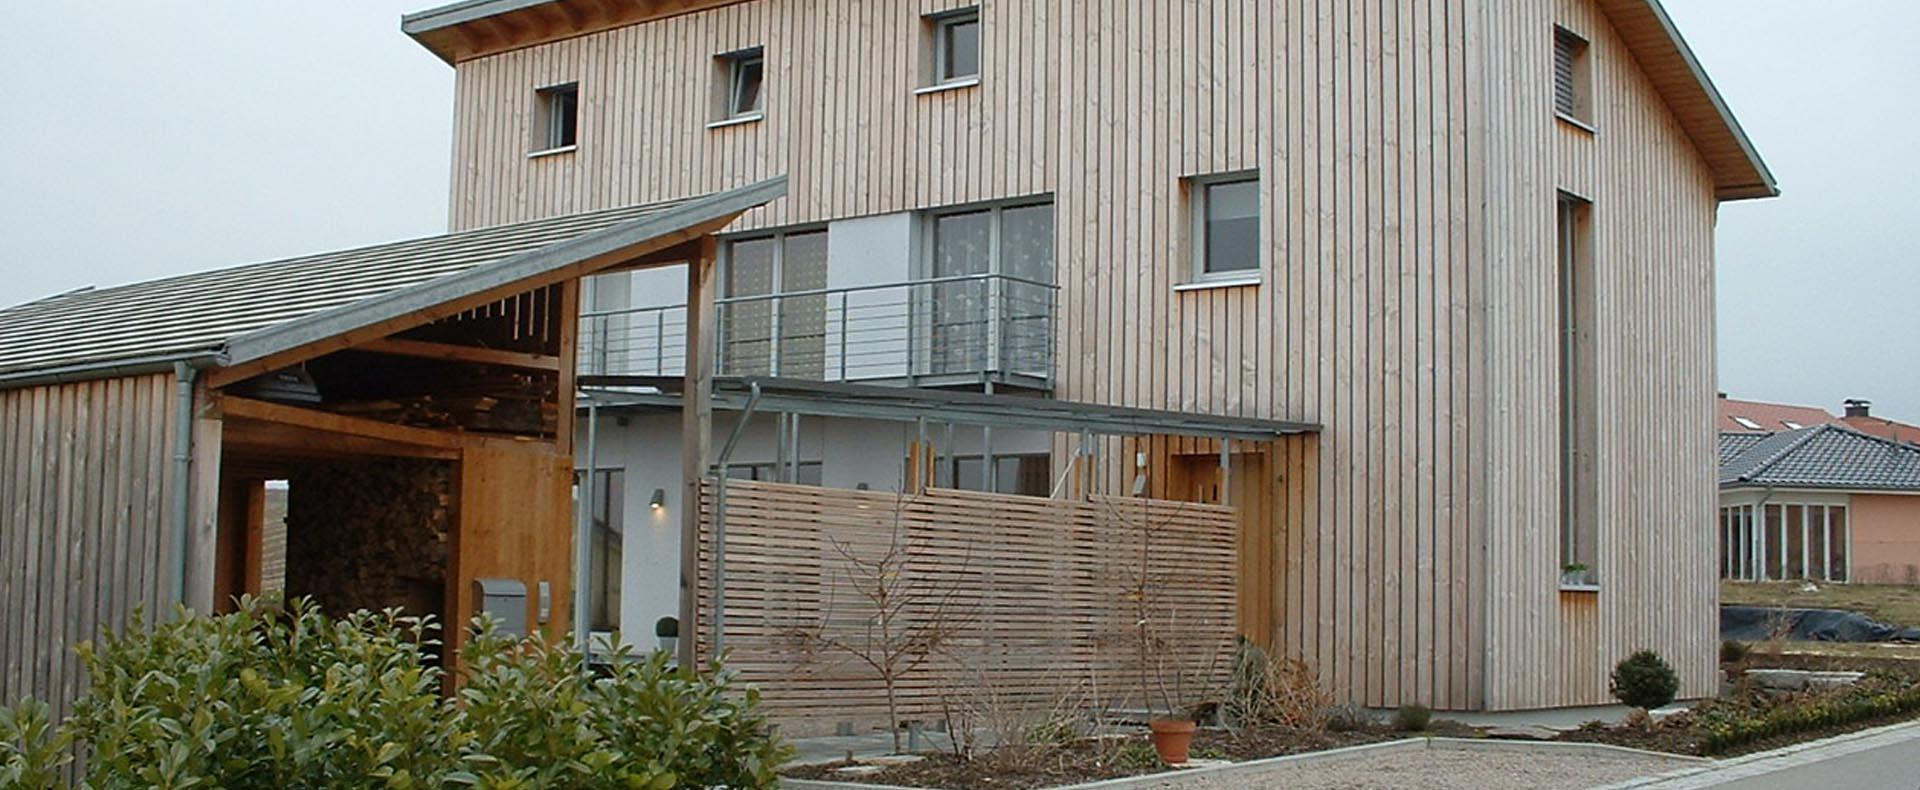 Wohnhaus Holzständerbauweise Eigenleistung